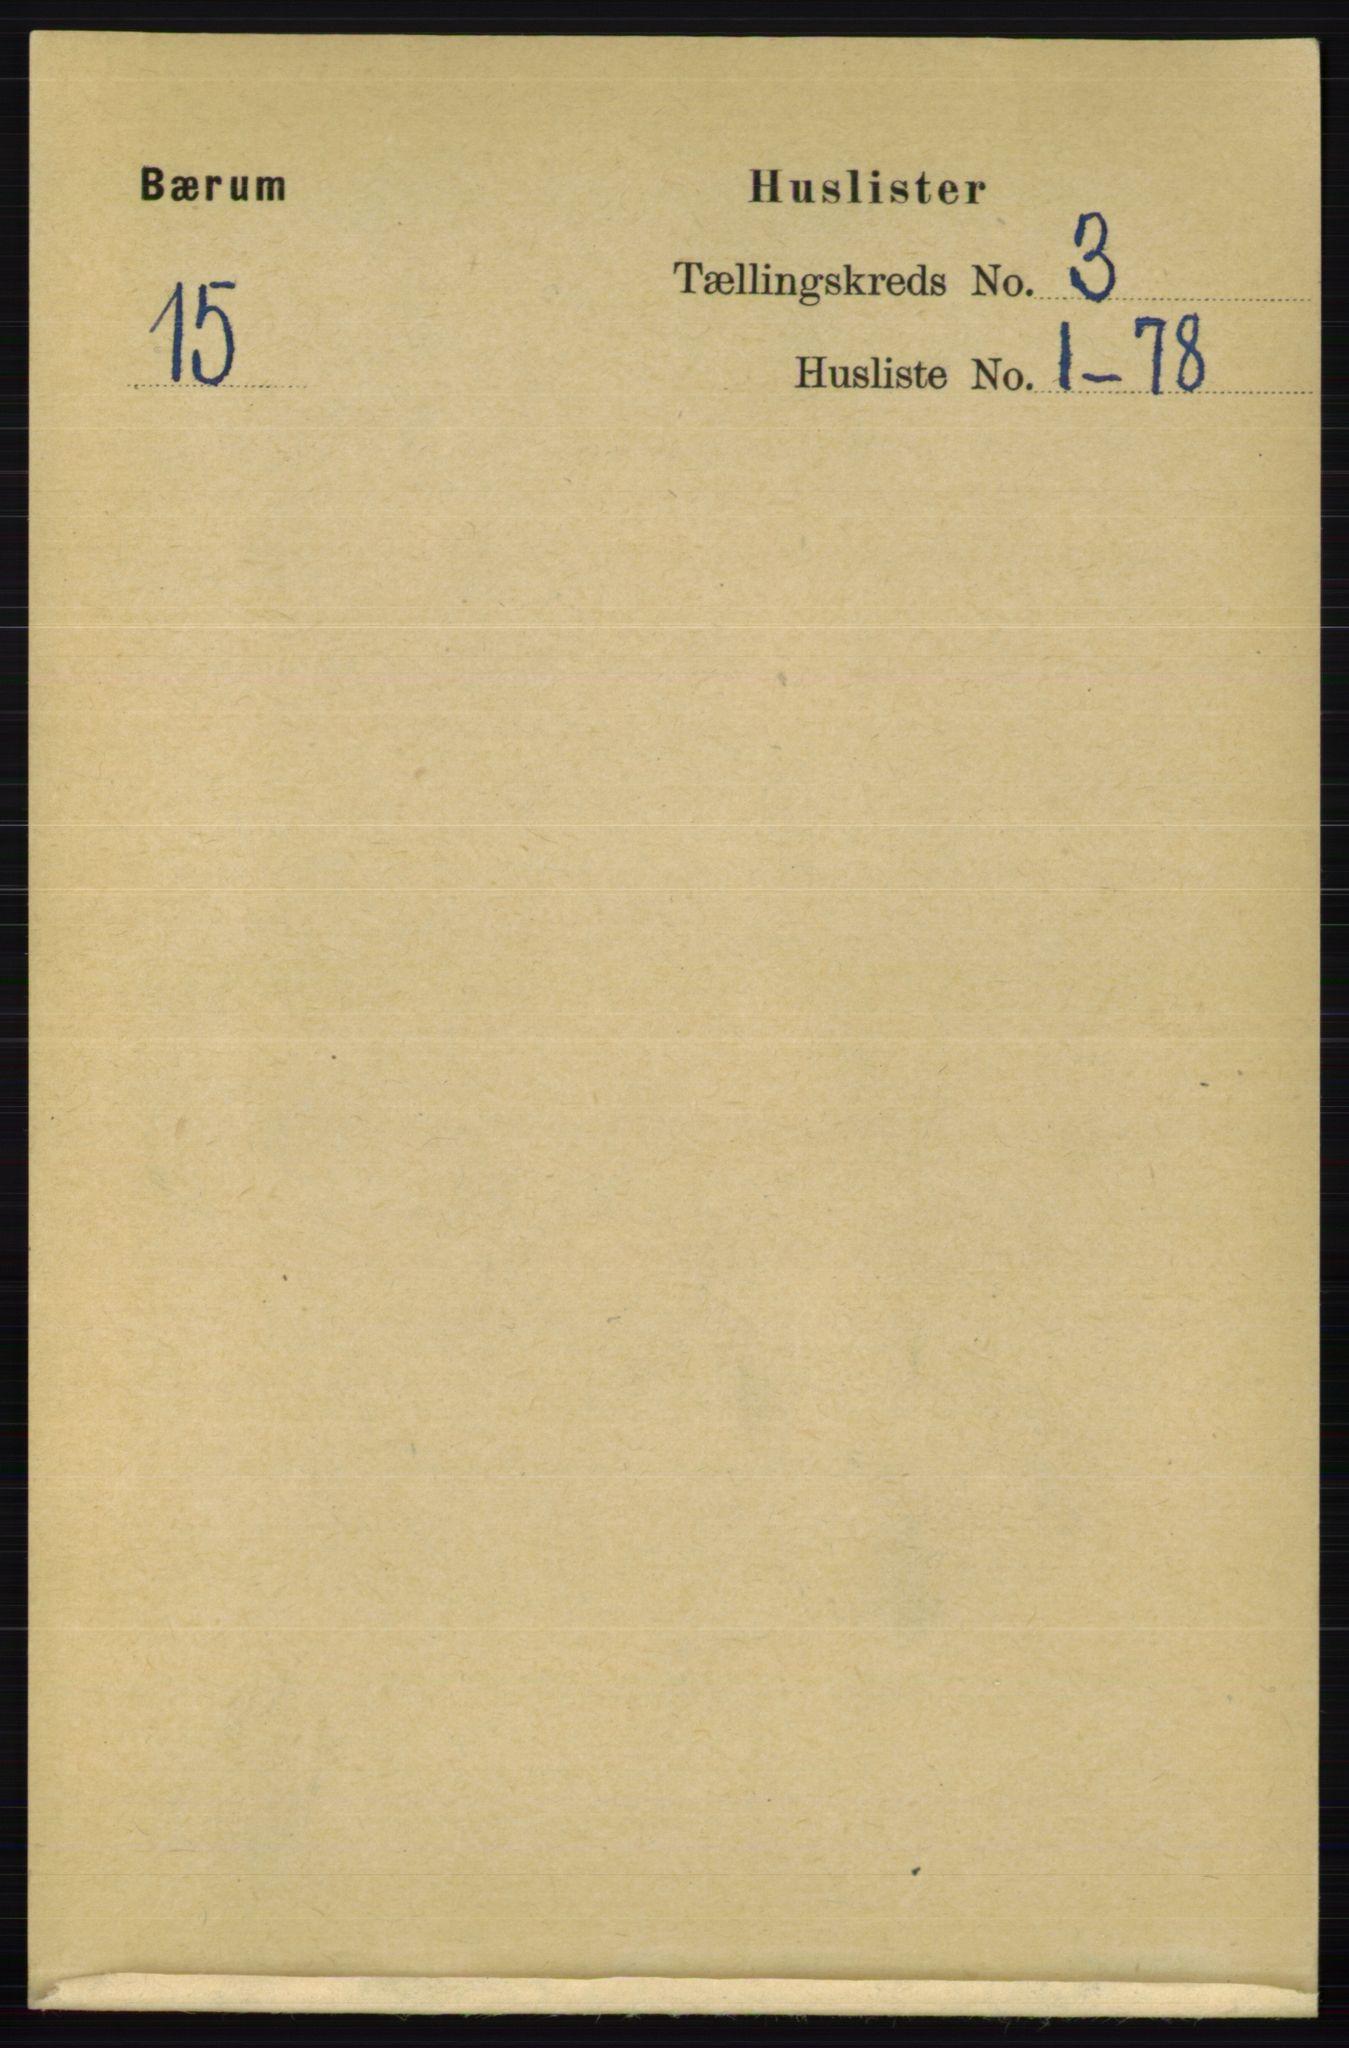 RA, Folketelling 1891 for 0219 Bærum herred, 1891, s. 1901